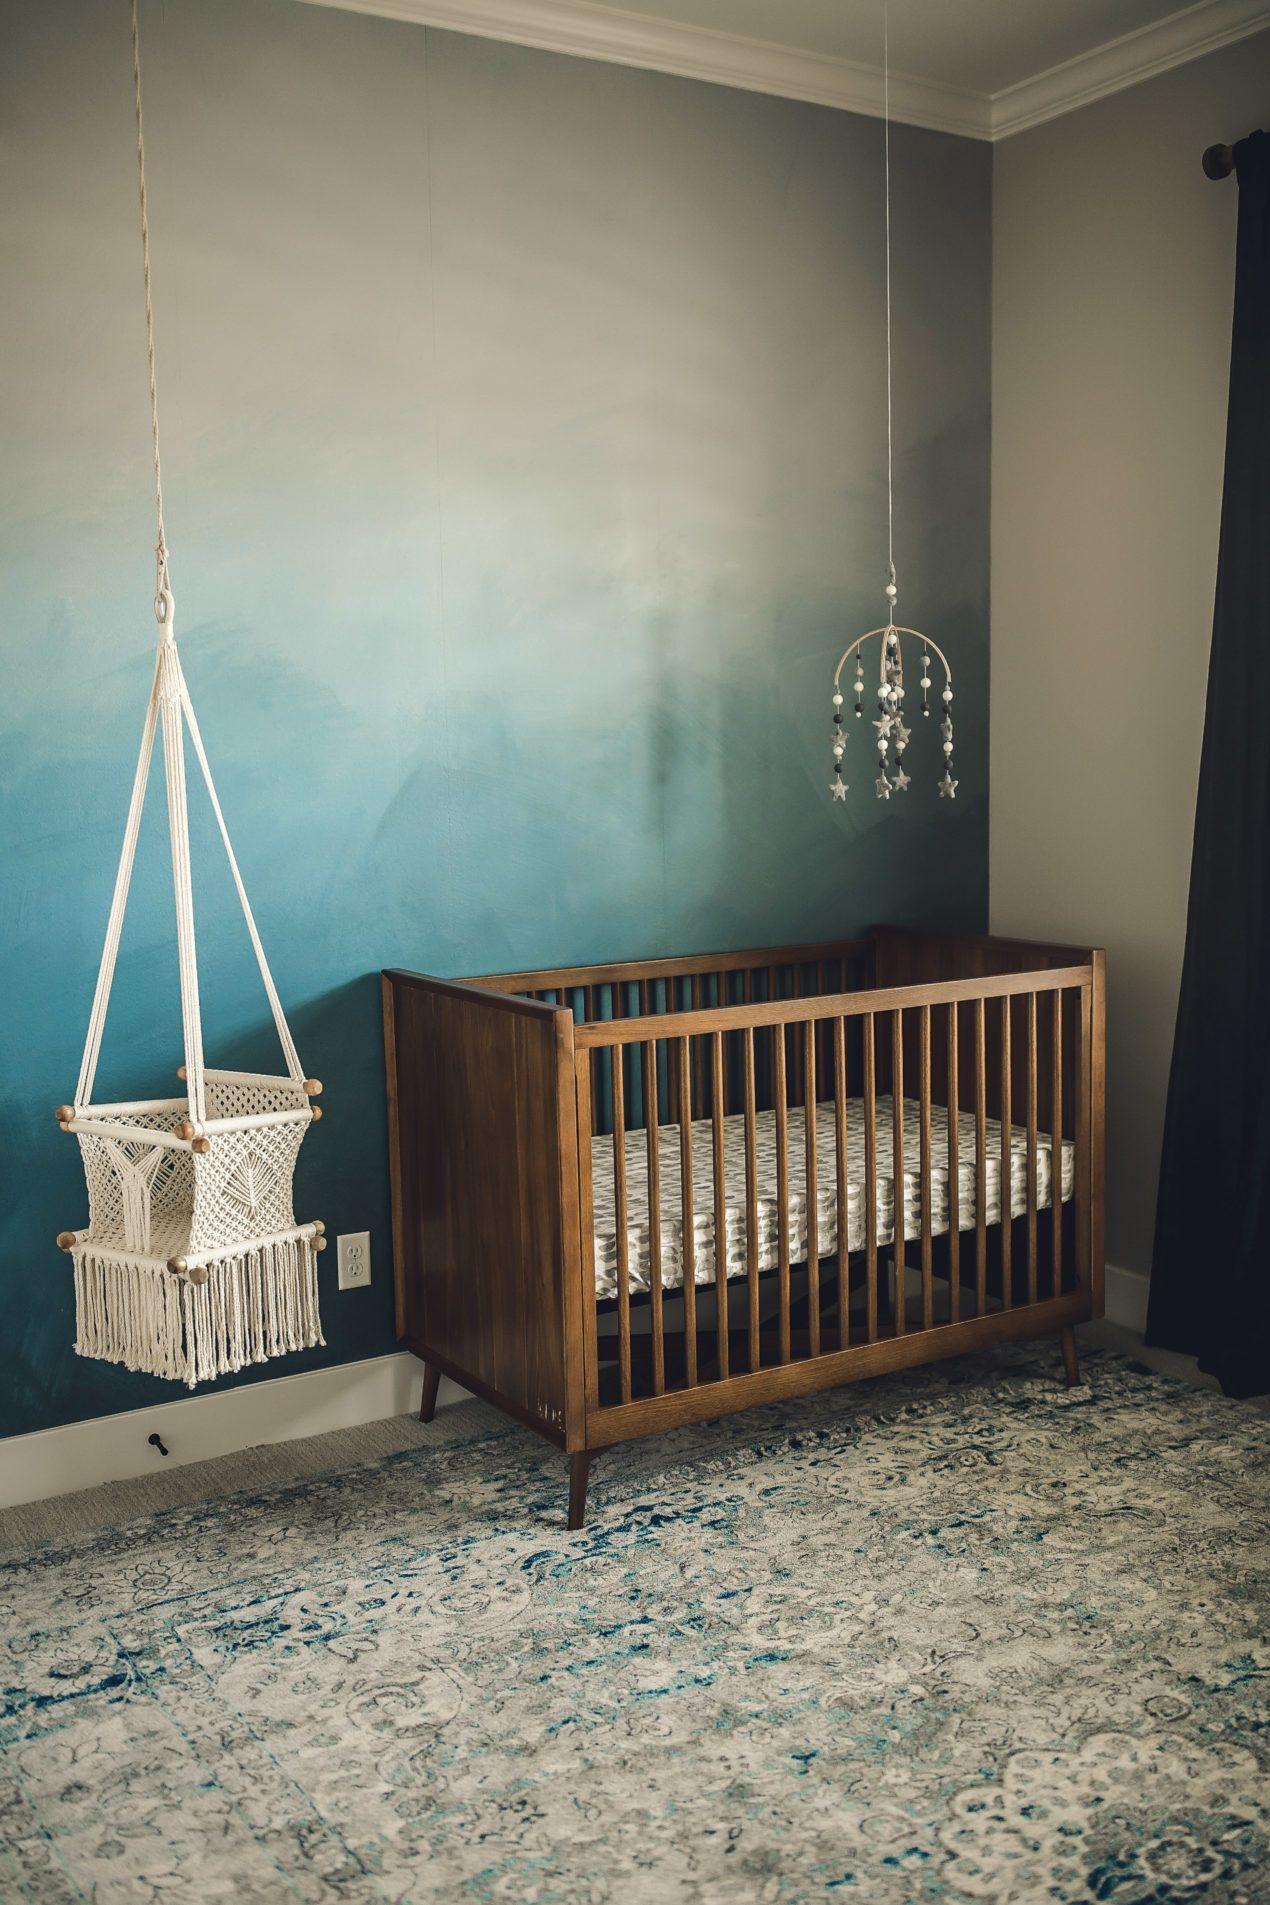 Best Paxton's Mid Century Modern Nursery – Mamadoctorjones 400 x 300